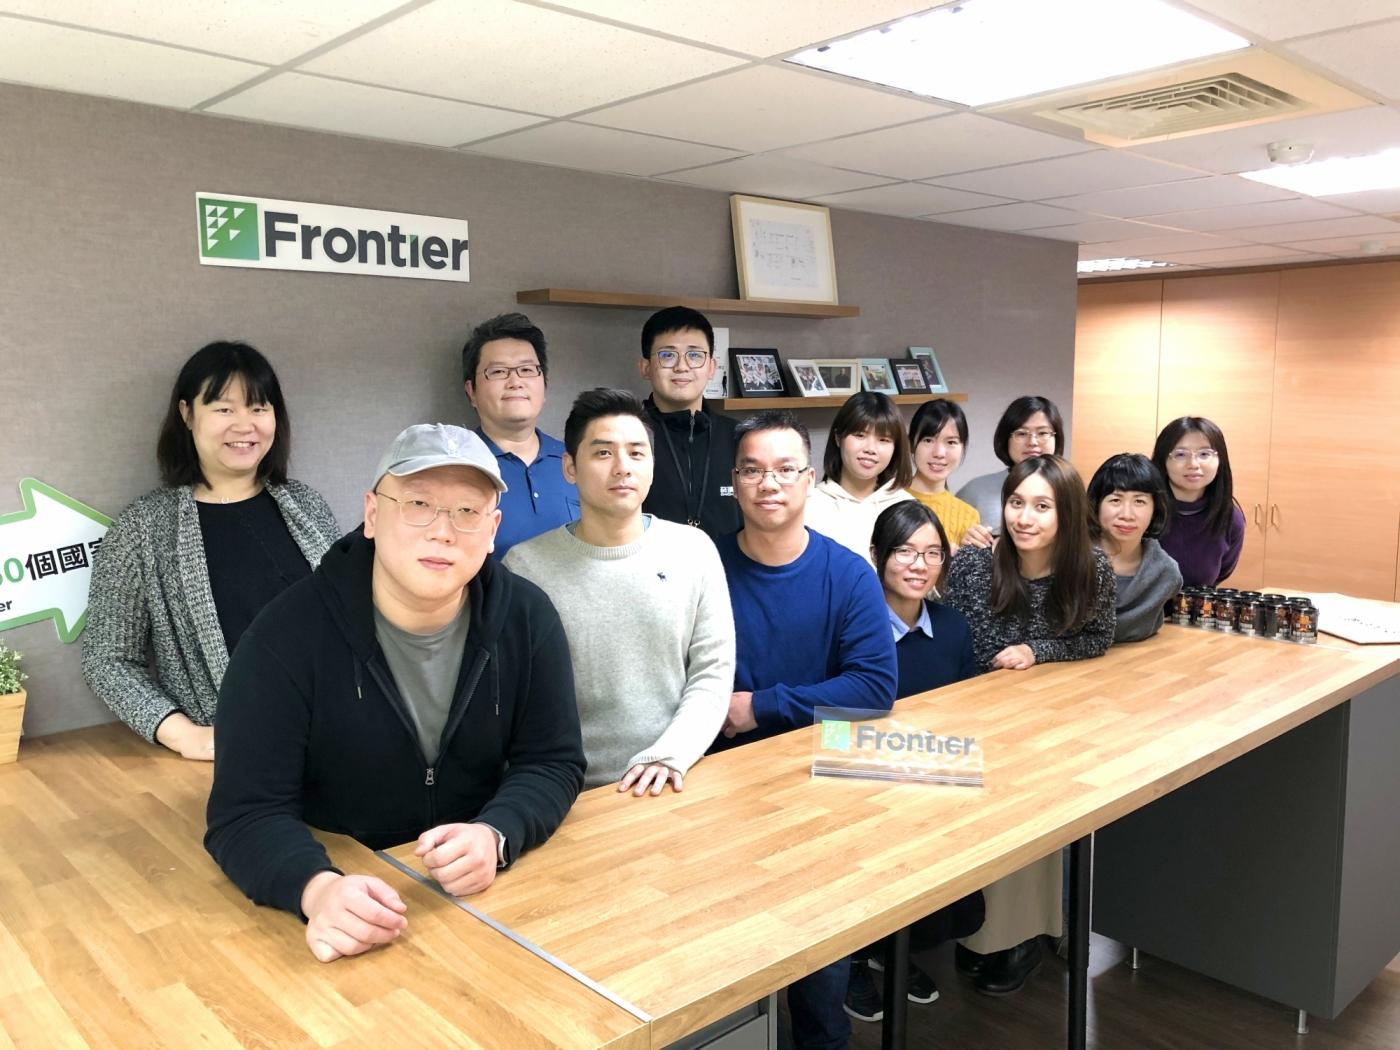 專訪臺灣通用紡織科技(Frontier)創辦人趙均埔:只要3美金,台灣紡織廠就能快速開發海外訂單!